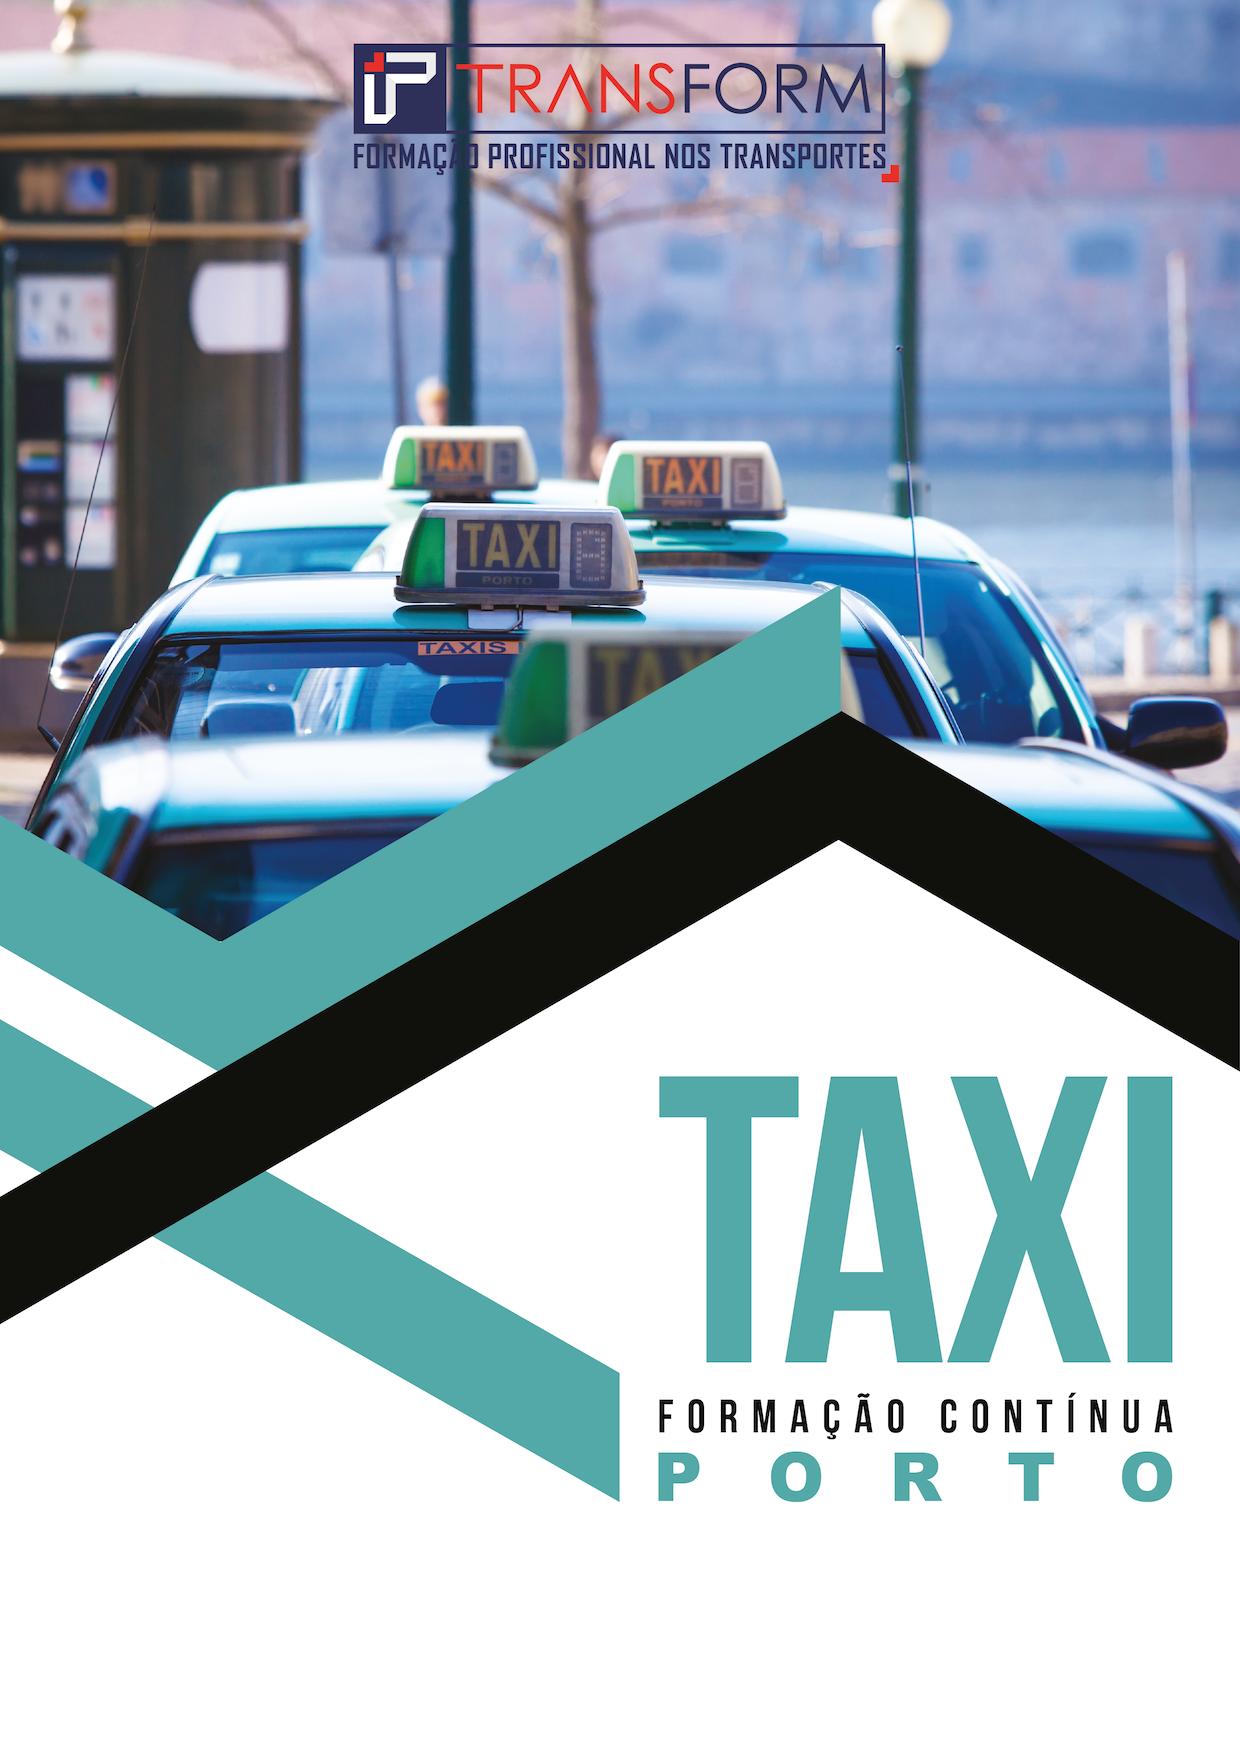 CMT - Certificação de Motorista de Táxi - Formação Contínua Ação 1